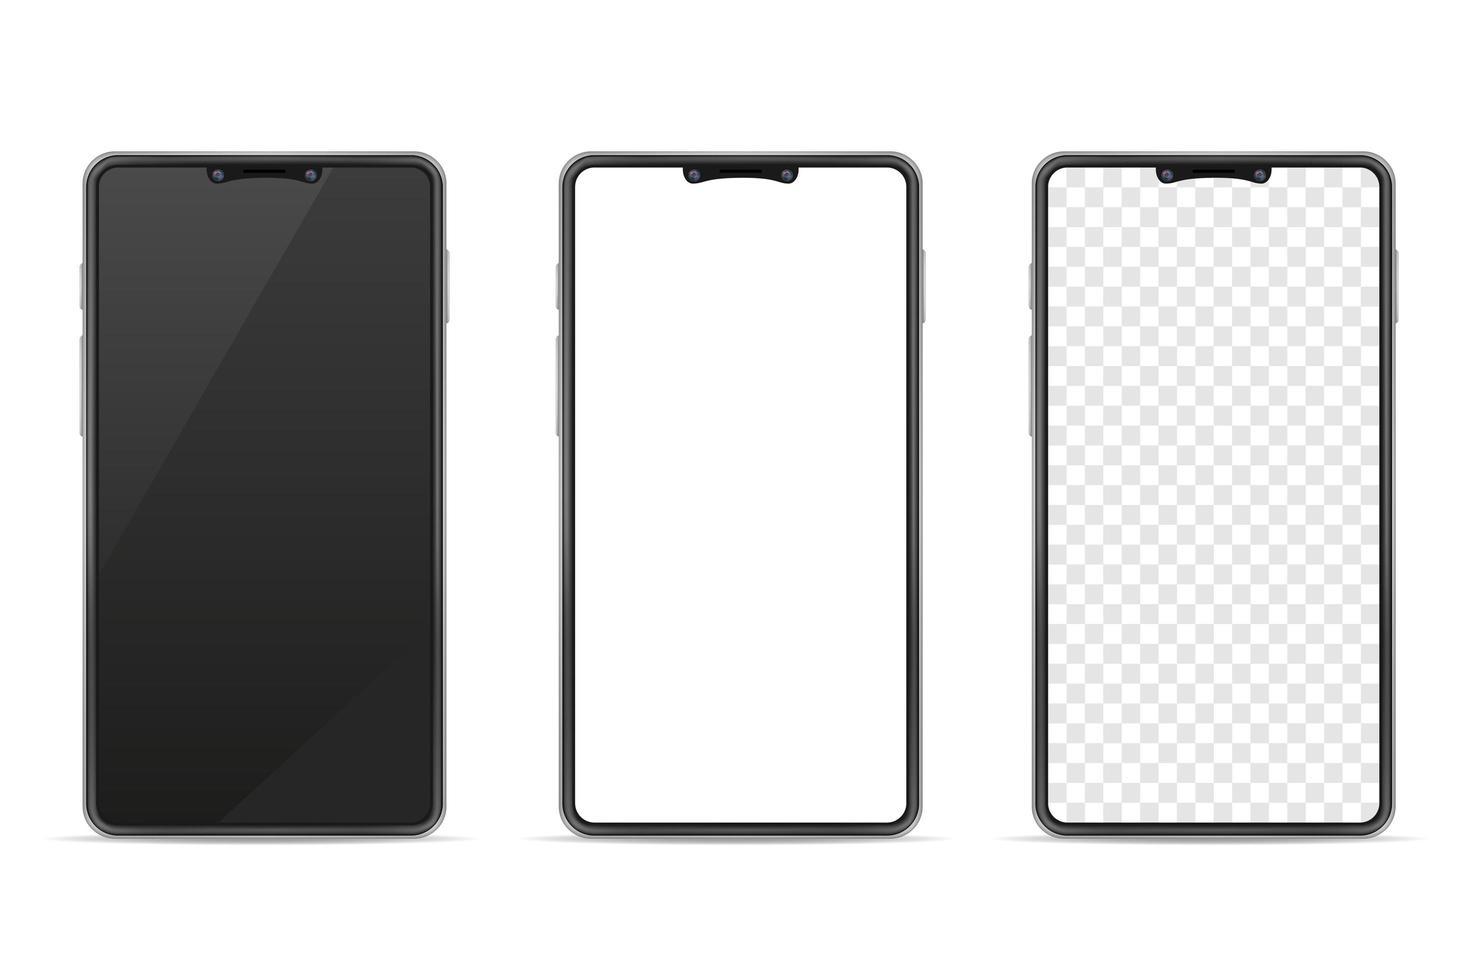 smartphone réaliste vierge maquette ensemble de téléphone mobile vecteur